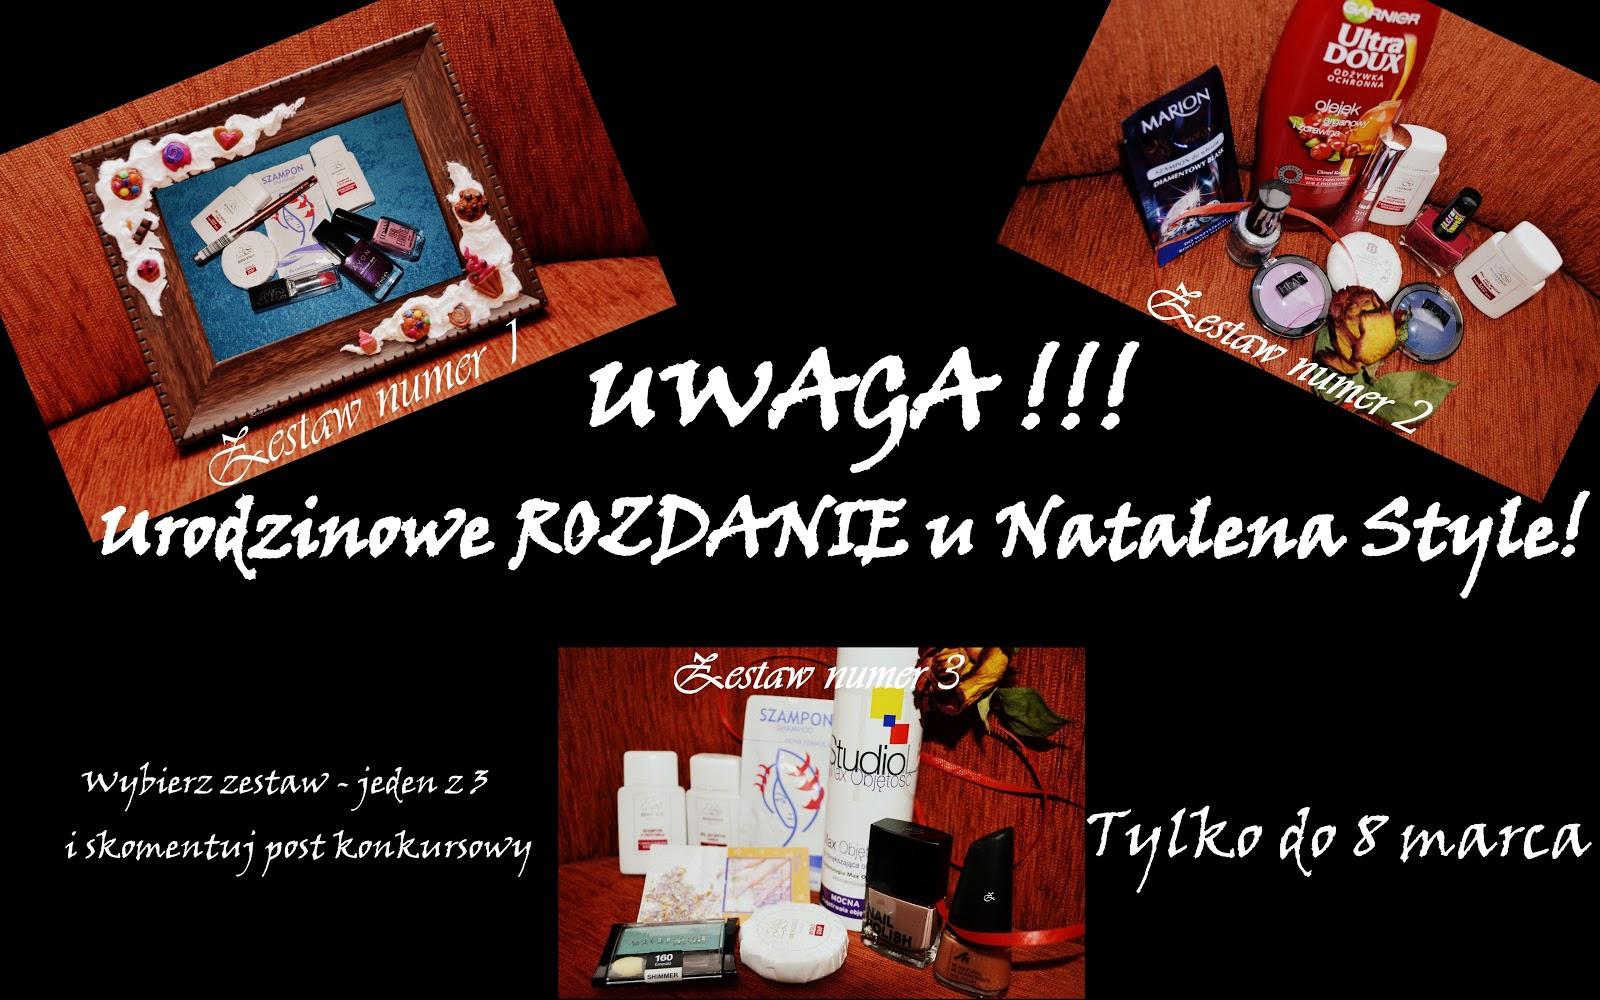 http://natalena-style.blogspot.com/2014/02/urodzinowe-rozdanie-u-natalena-style.html